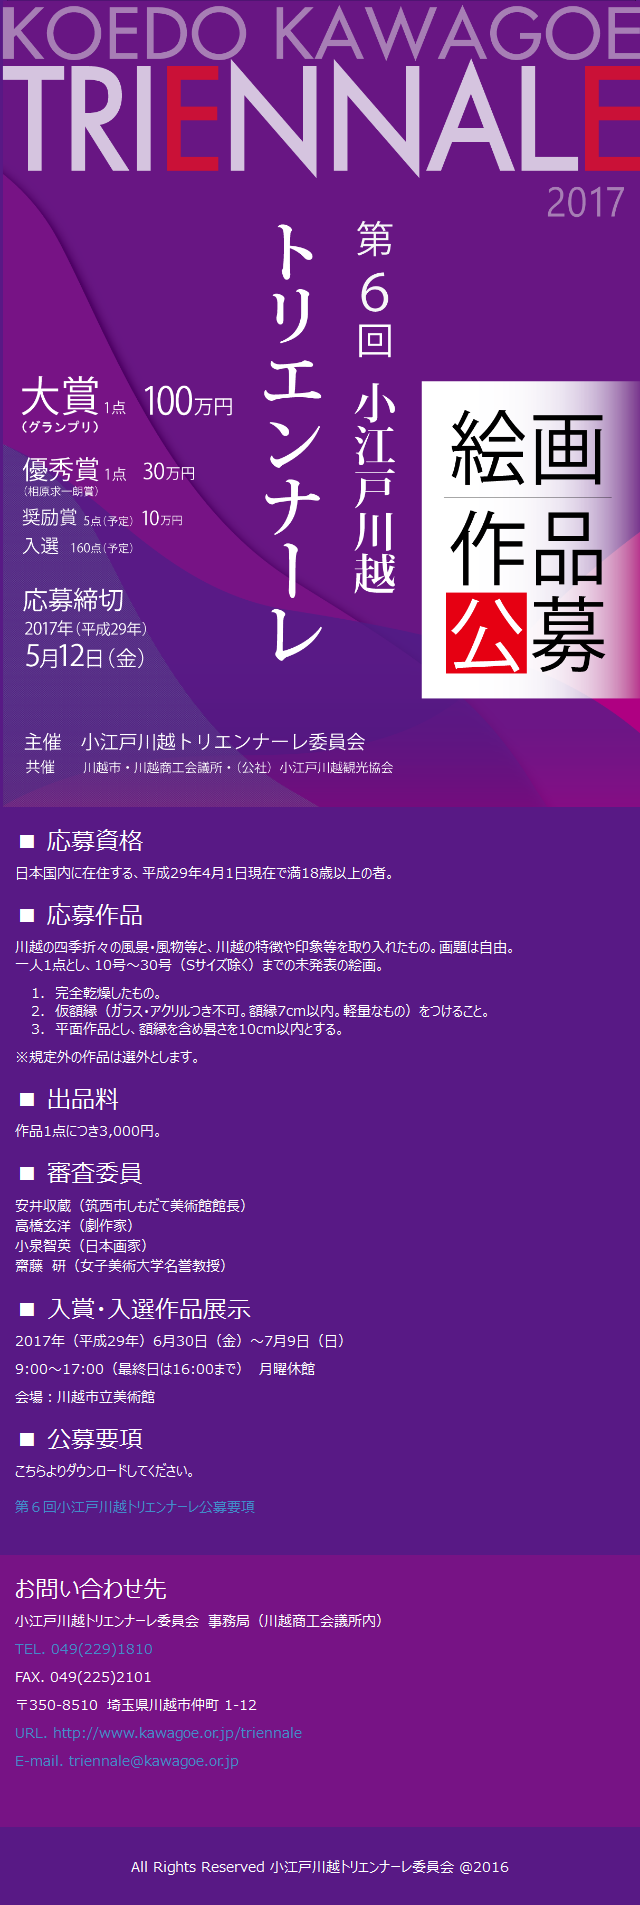 小江戸川越トリエンナーレ委員会様公式ホームページ_スマホ表示